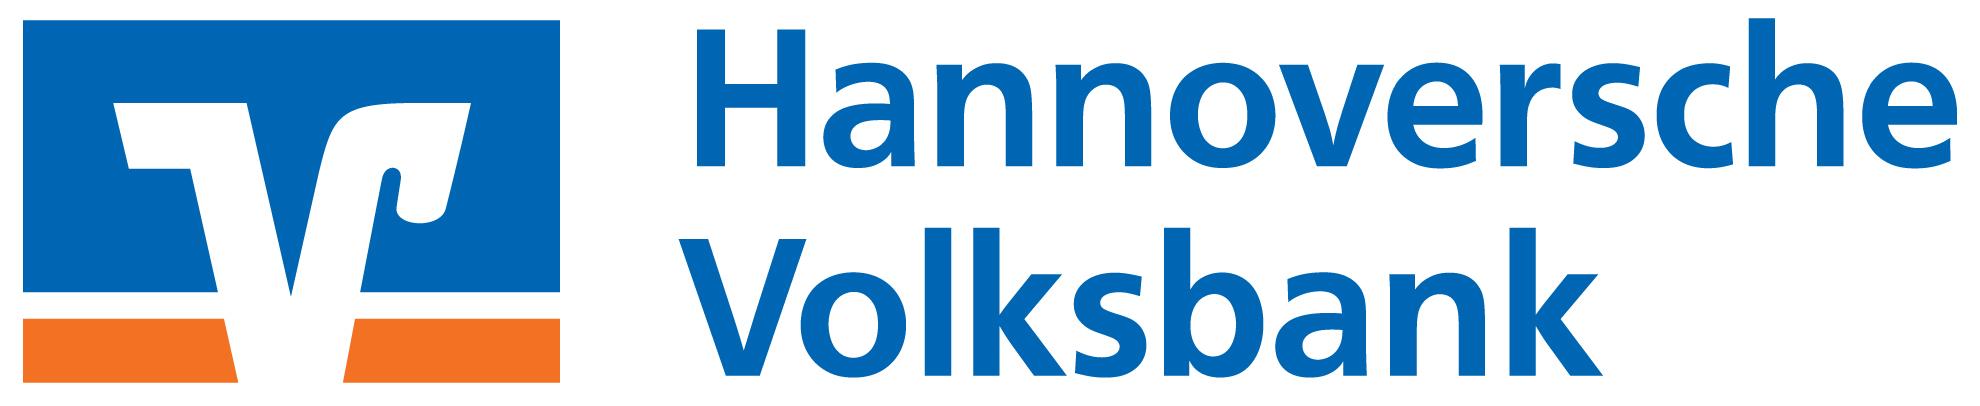 Hannoversche Volksbank eG SelbstbedienungsCenter Langenhagen (Osttor)